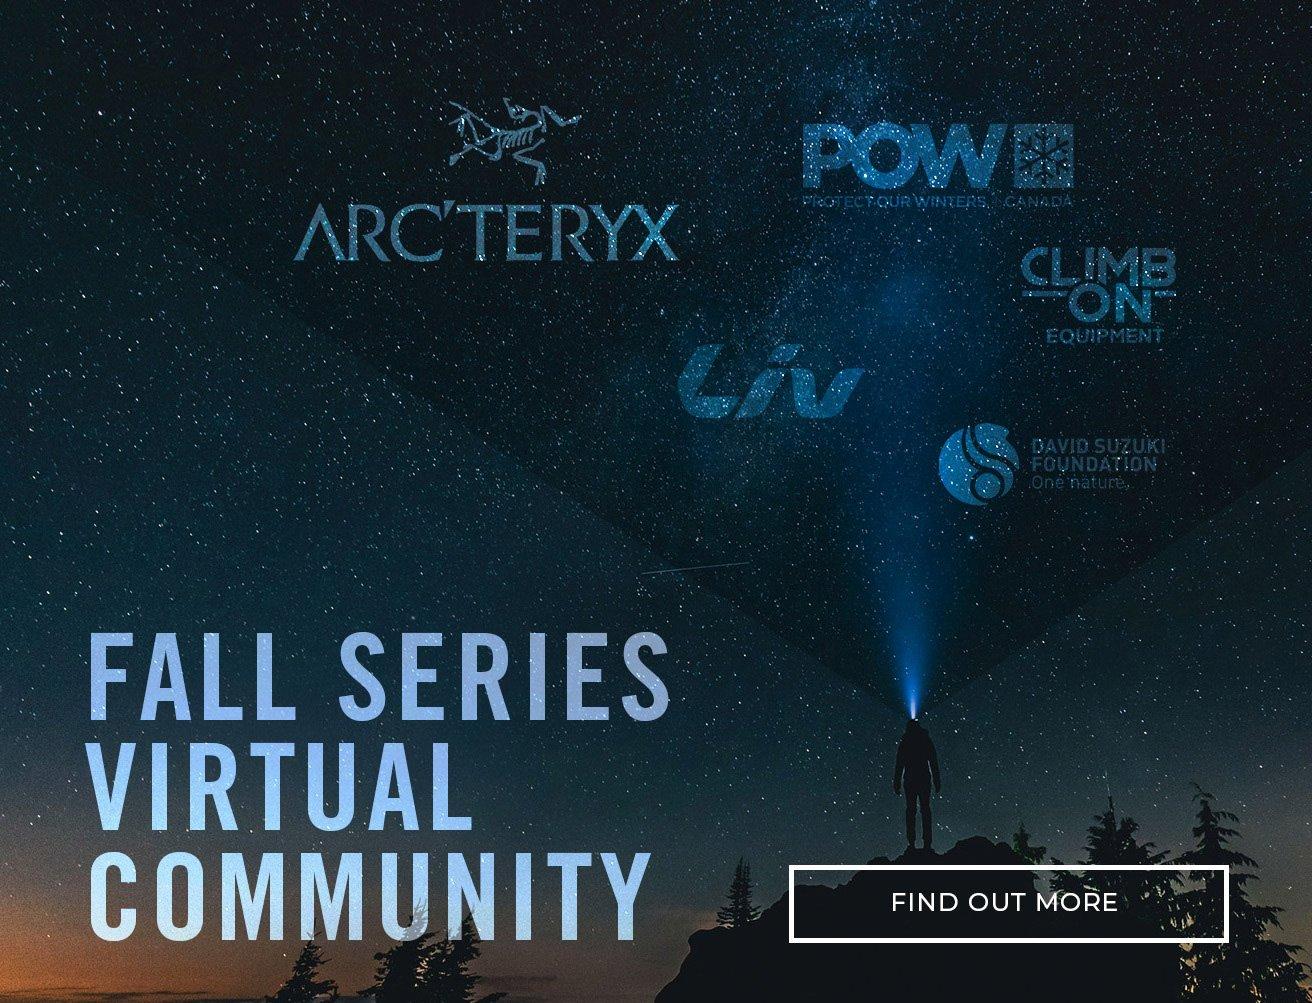 vimff fall series virtual community